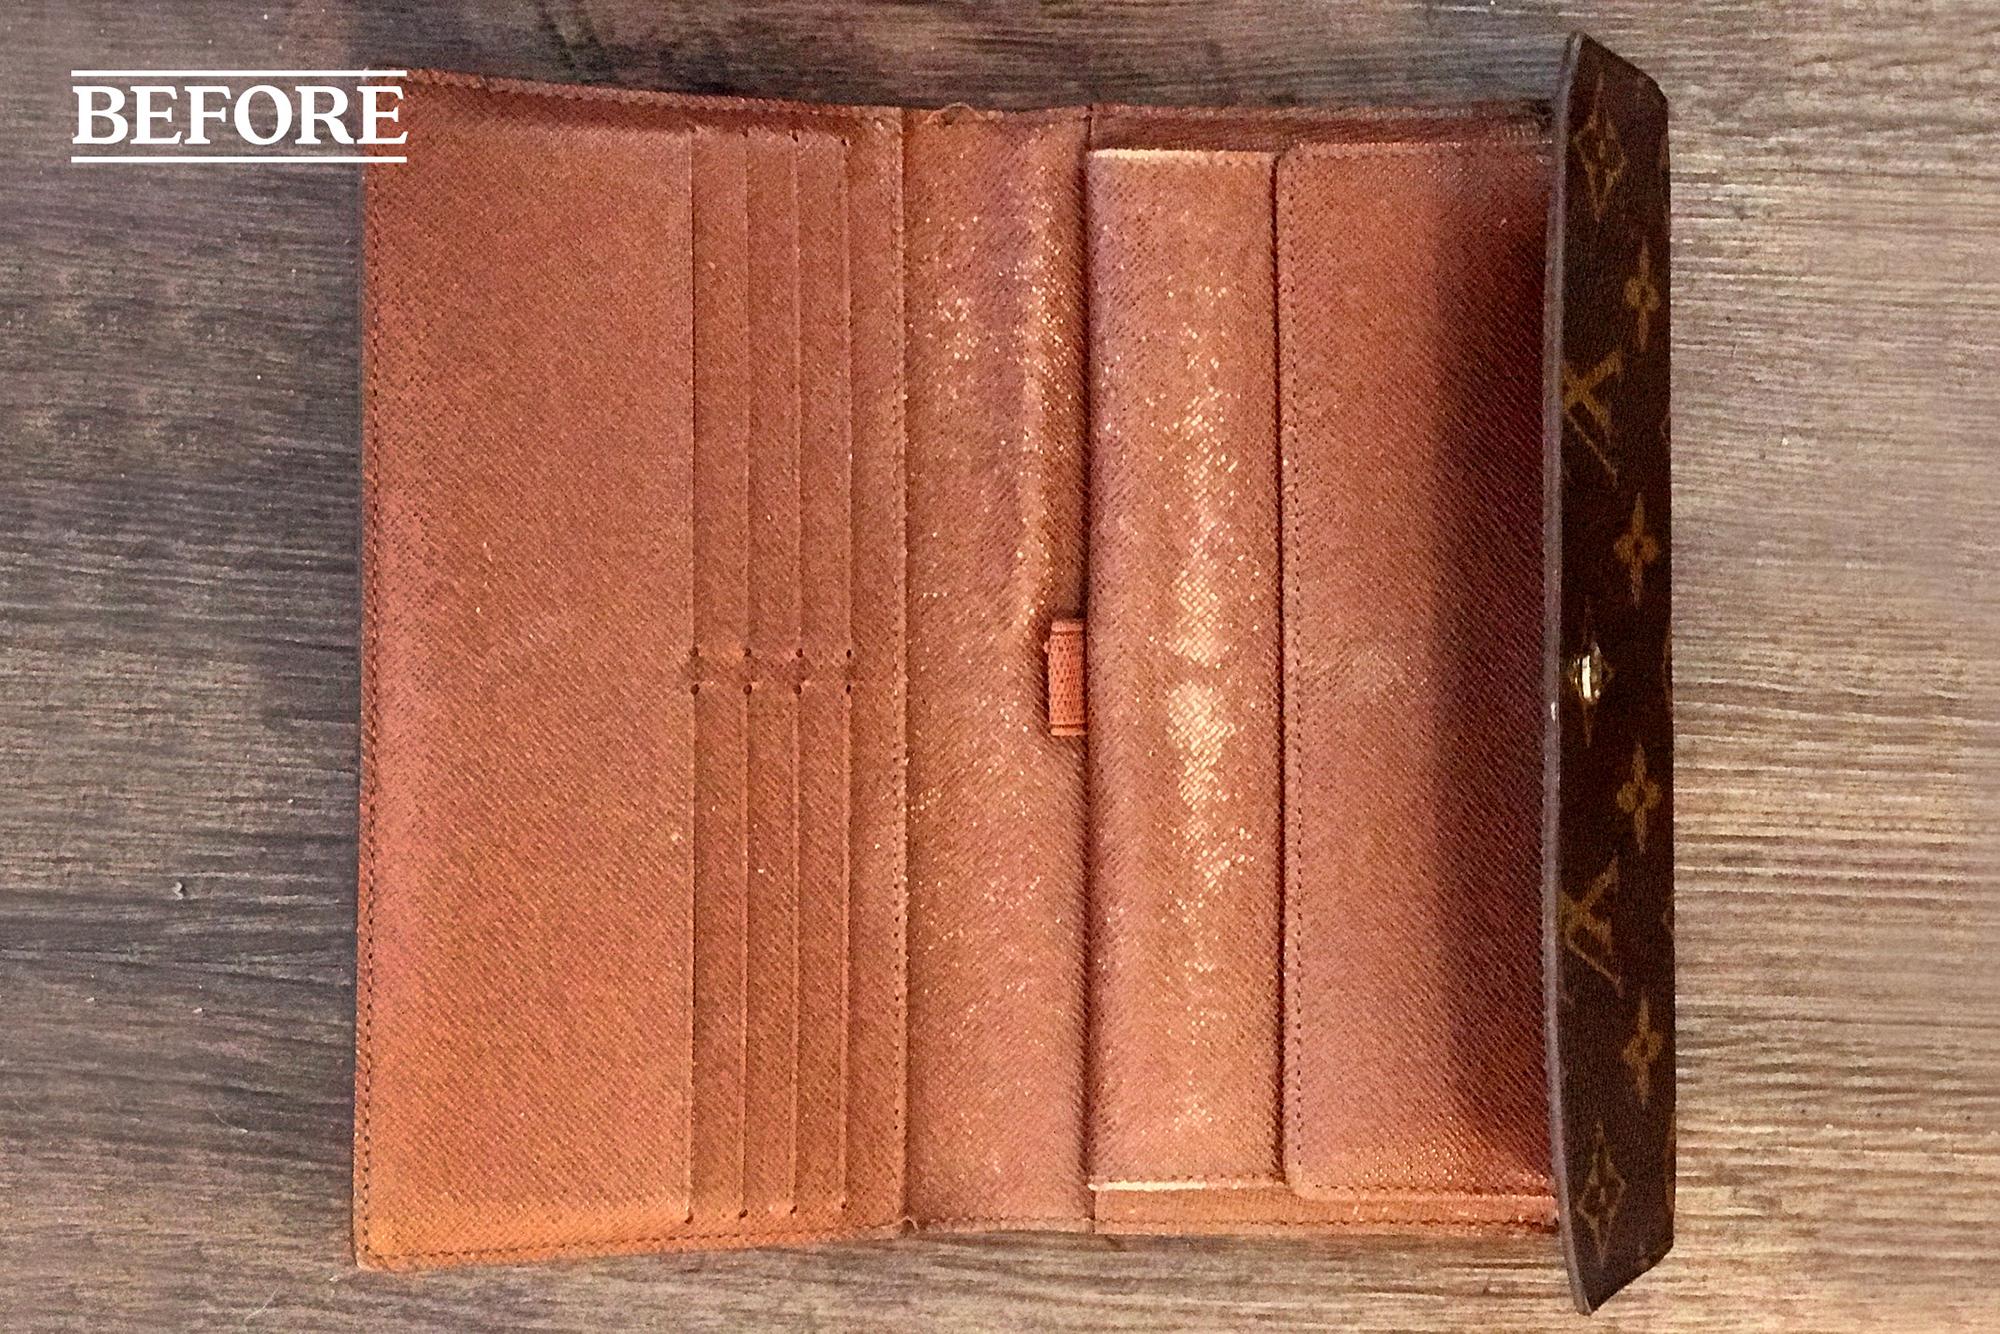 Louis-Vuitton-purse-repair